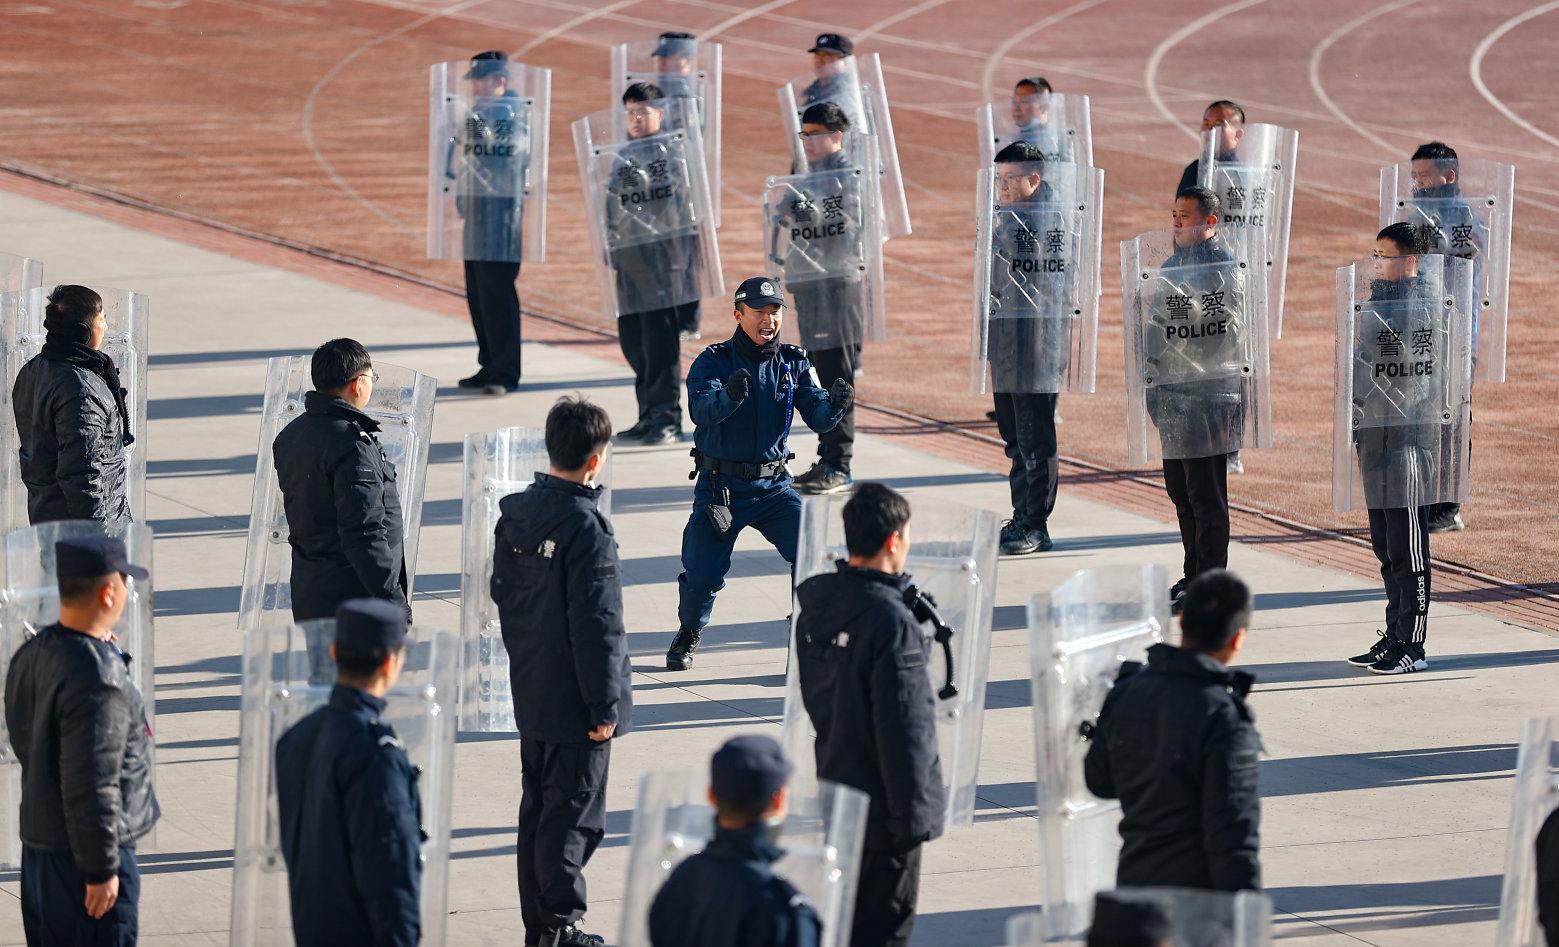 吹响冬季训练冲锋号 天津市警辅人员大轮训